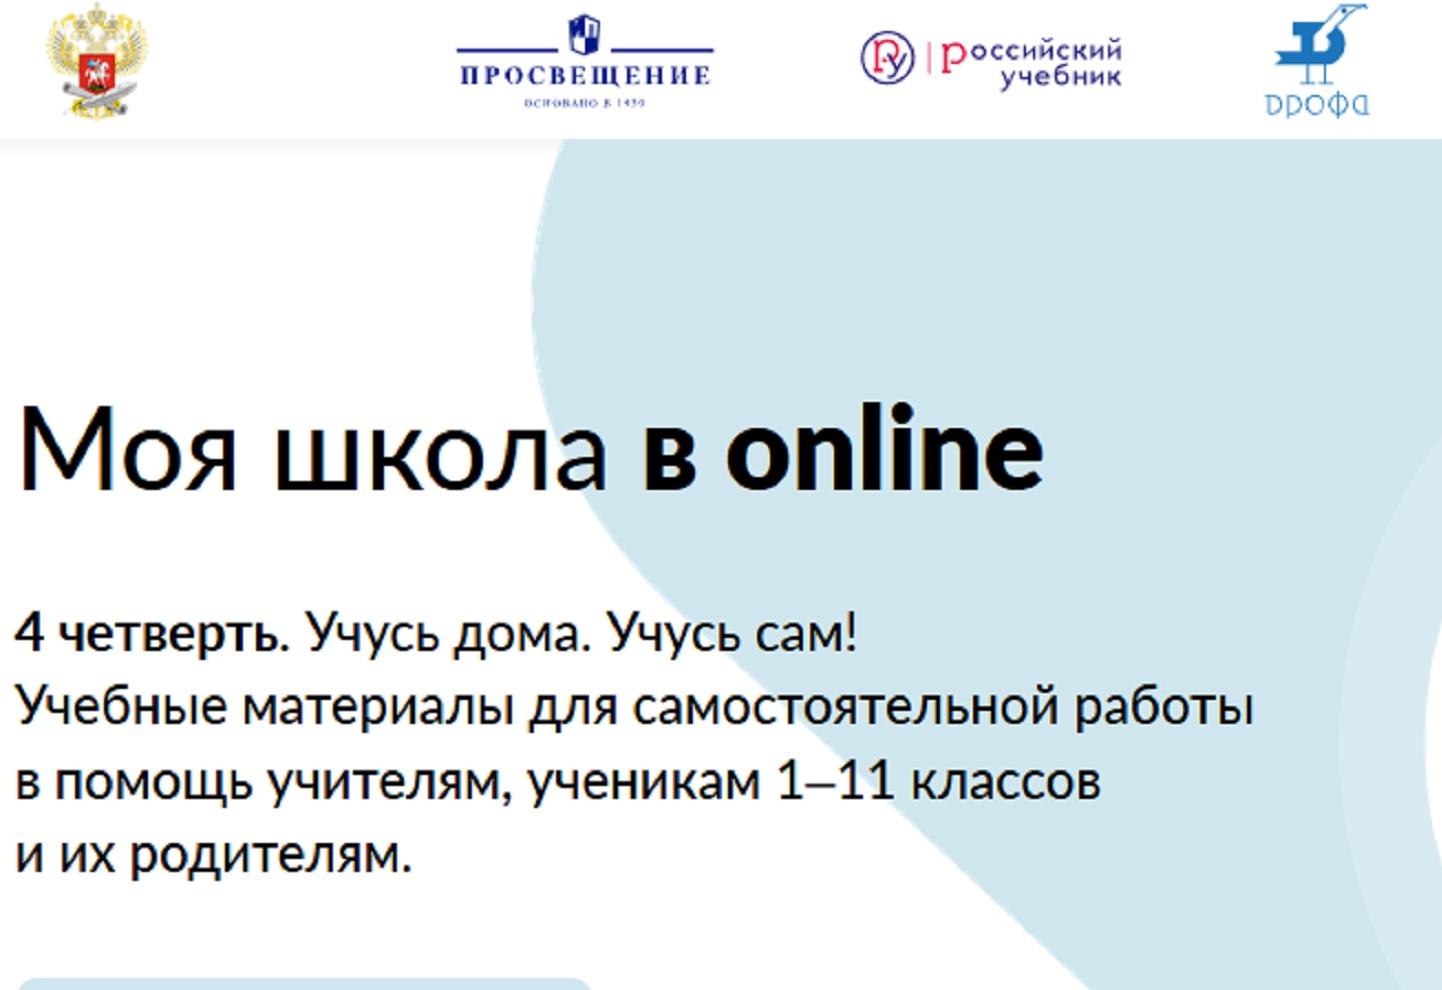 minprosveshheniya-zapustilo-novuyu-onlajn-platformu-dlya-obshhego-obrazovaniya